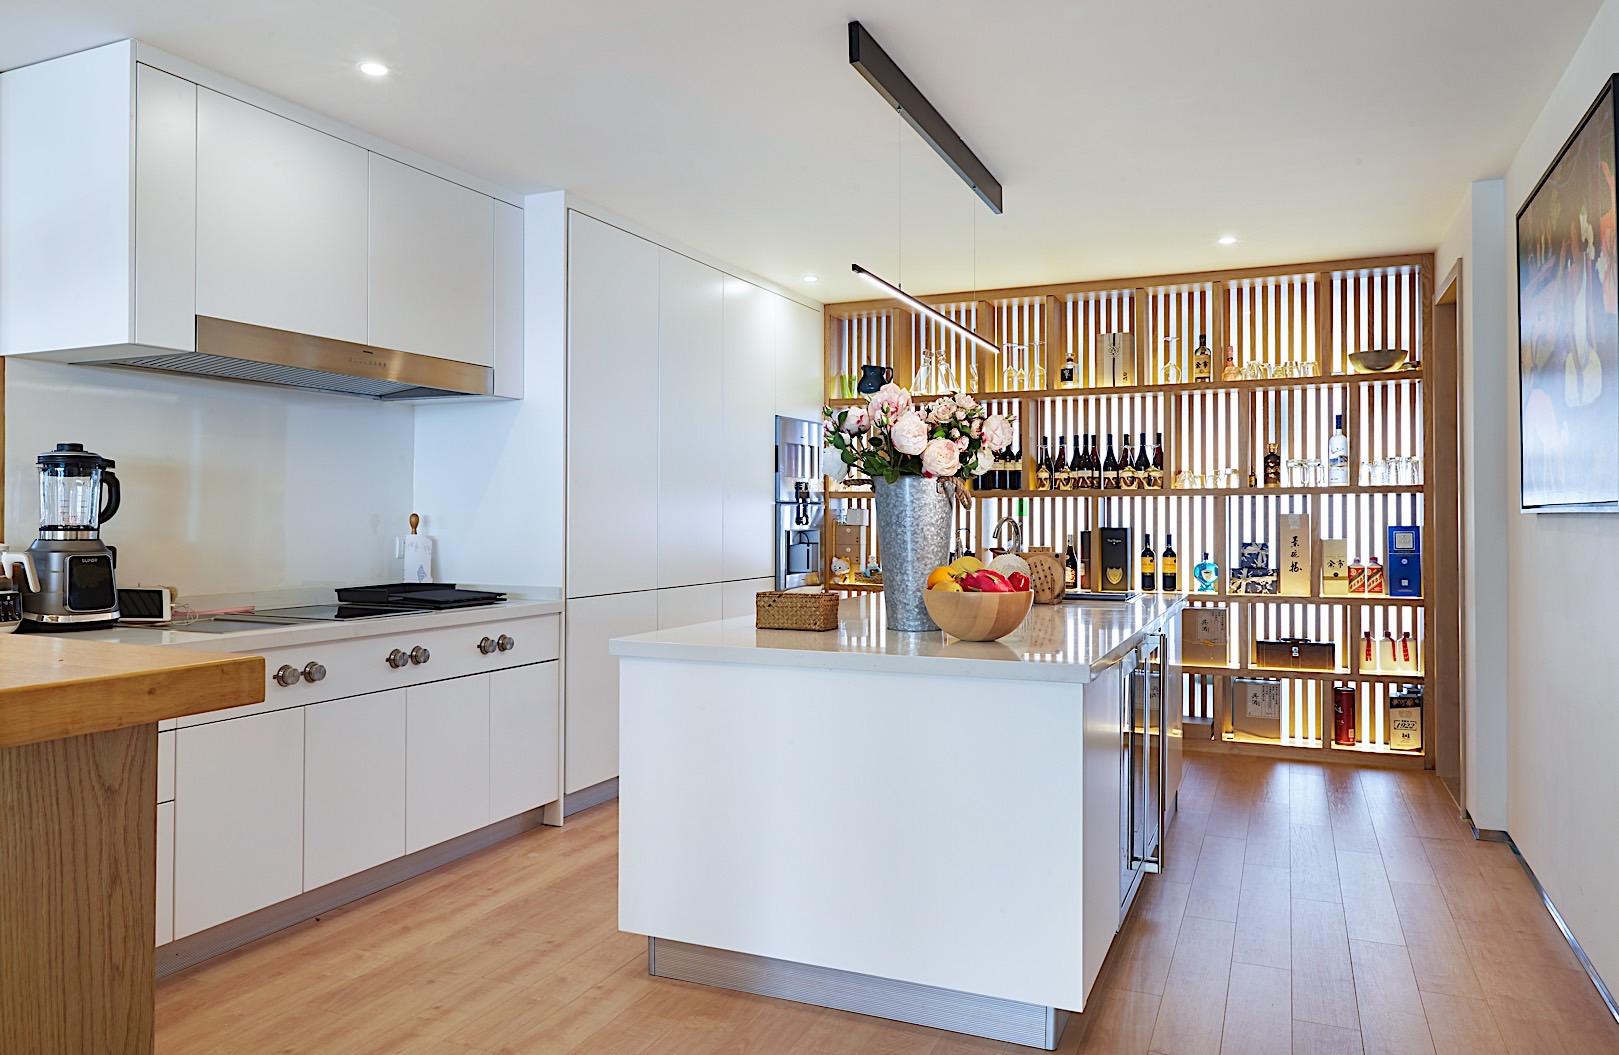 徐汇豪宅 中凯城市 大平层装修 现代风格 书房图片来自孔继民在徐汇中凯城市之光450平大平层的分享